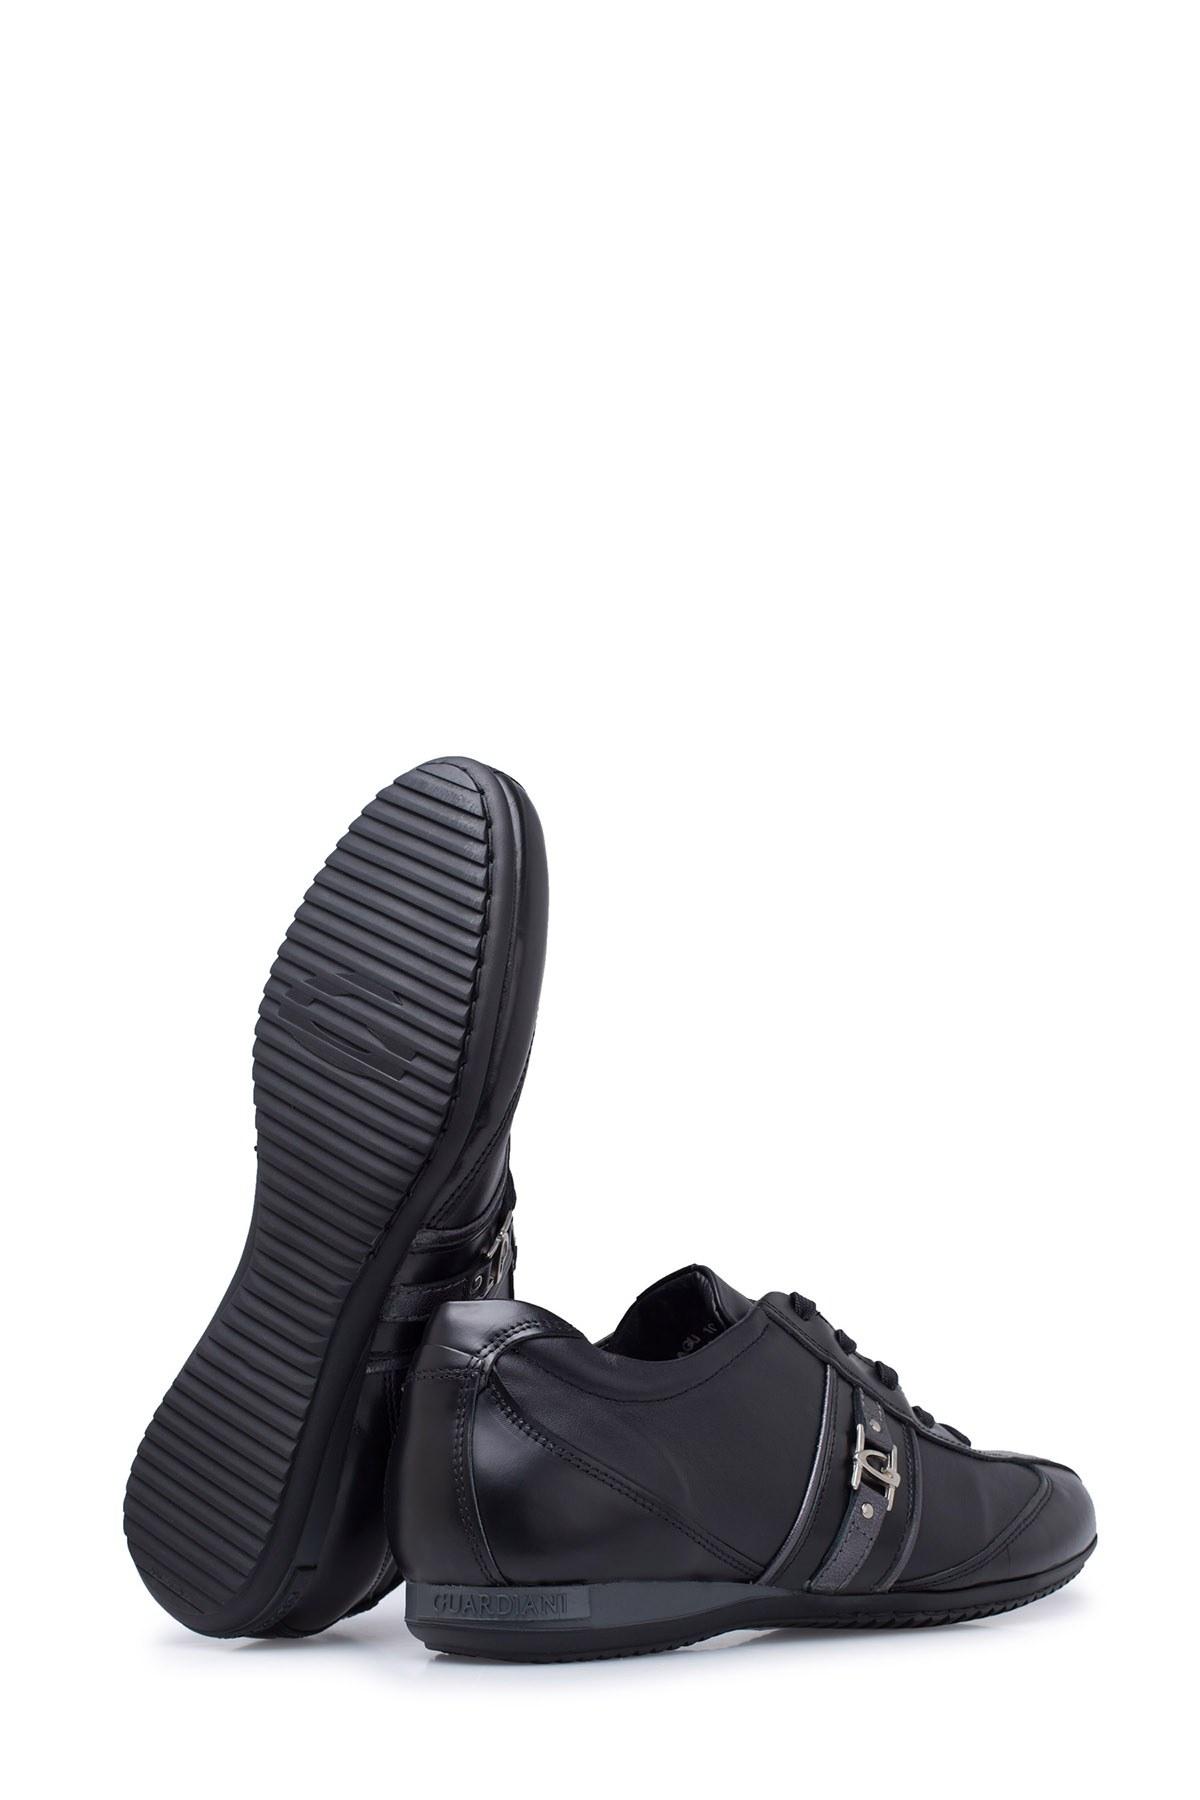 Alberto Guardiani Erkek Ayakkabı S AGU101180 SİYAH